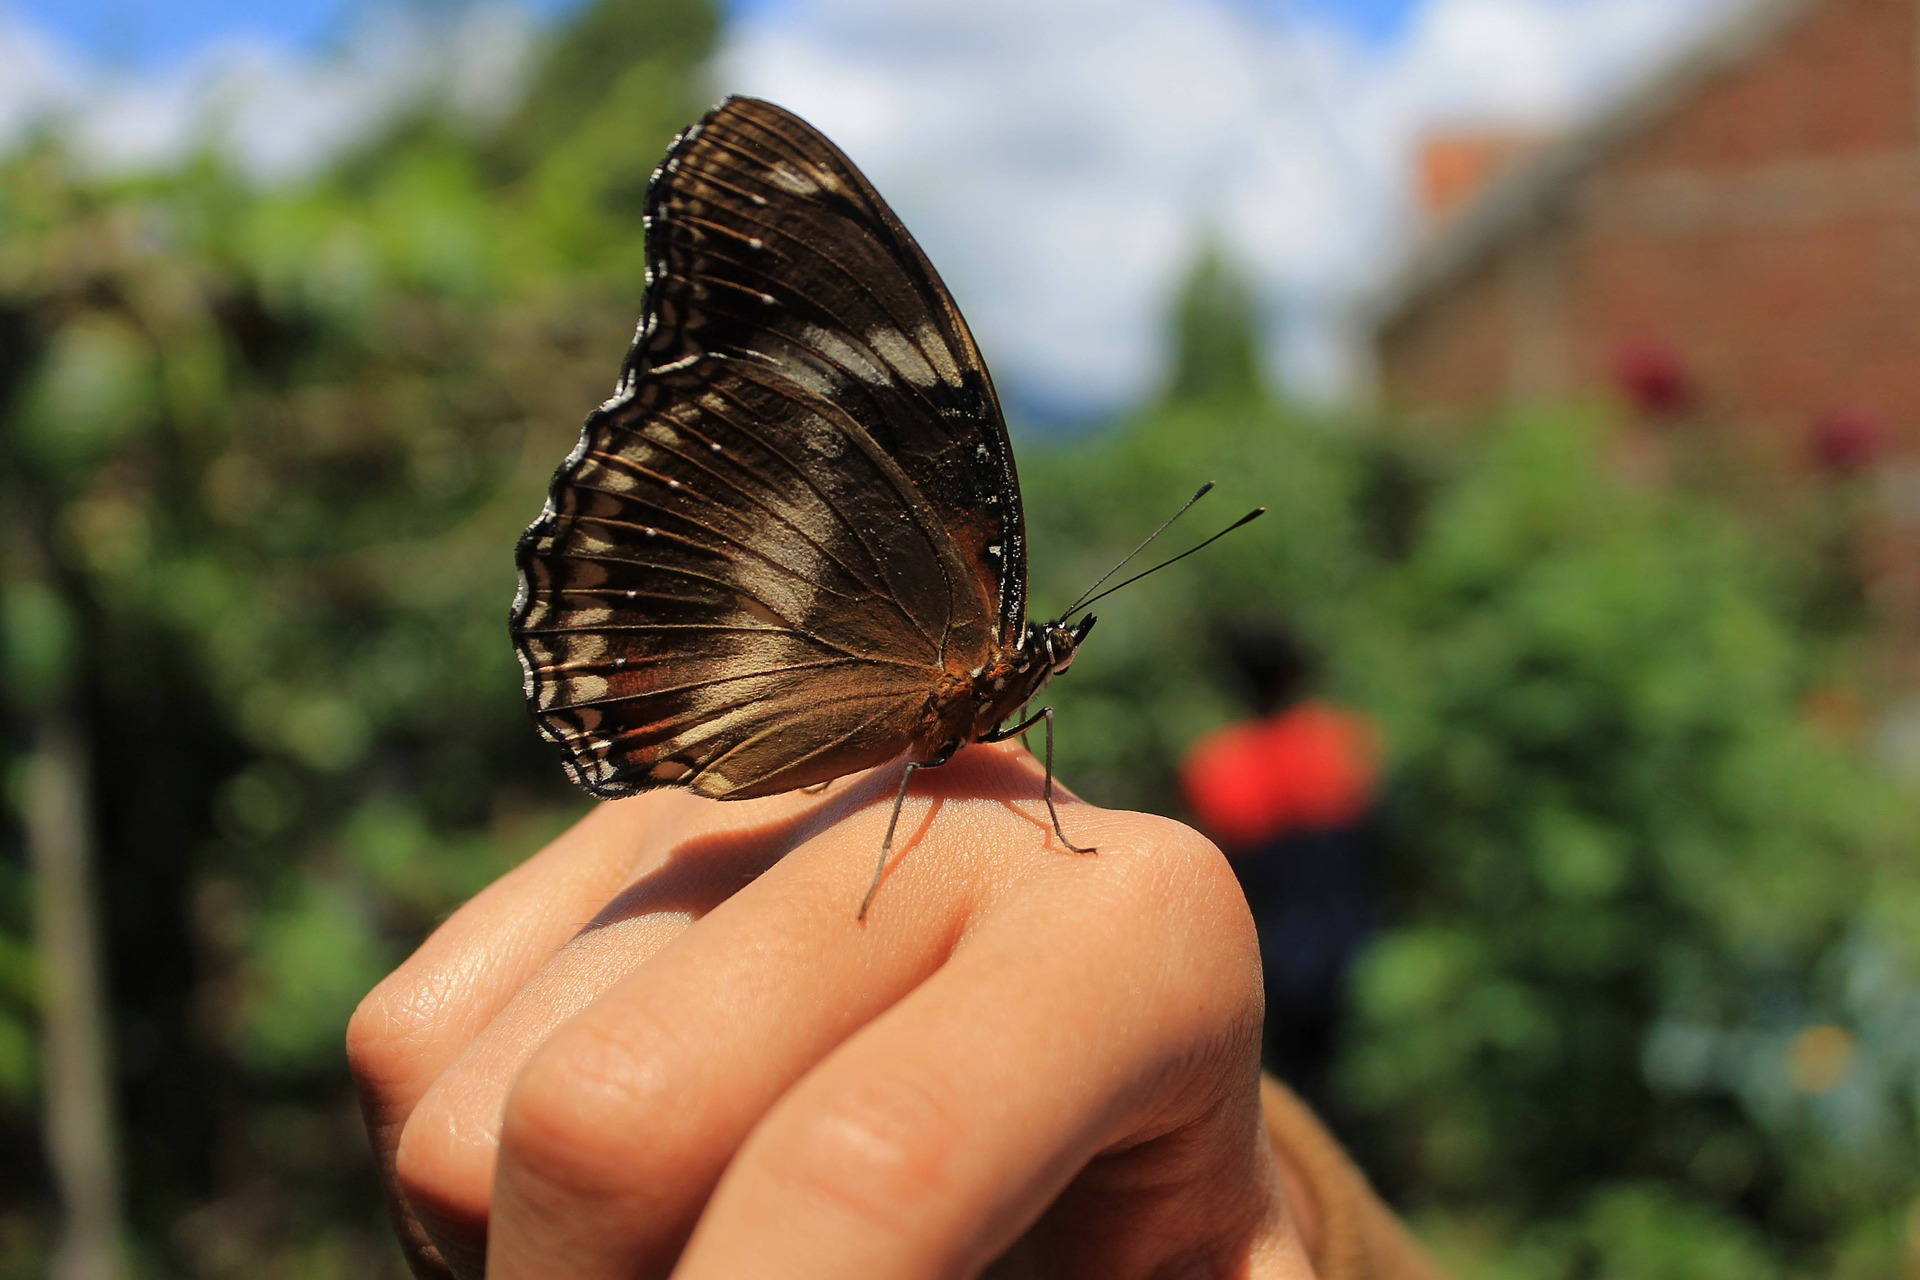 kolorowy motyl na dłoni